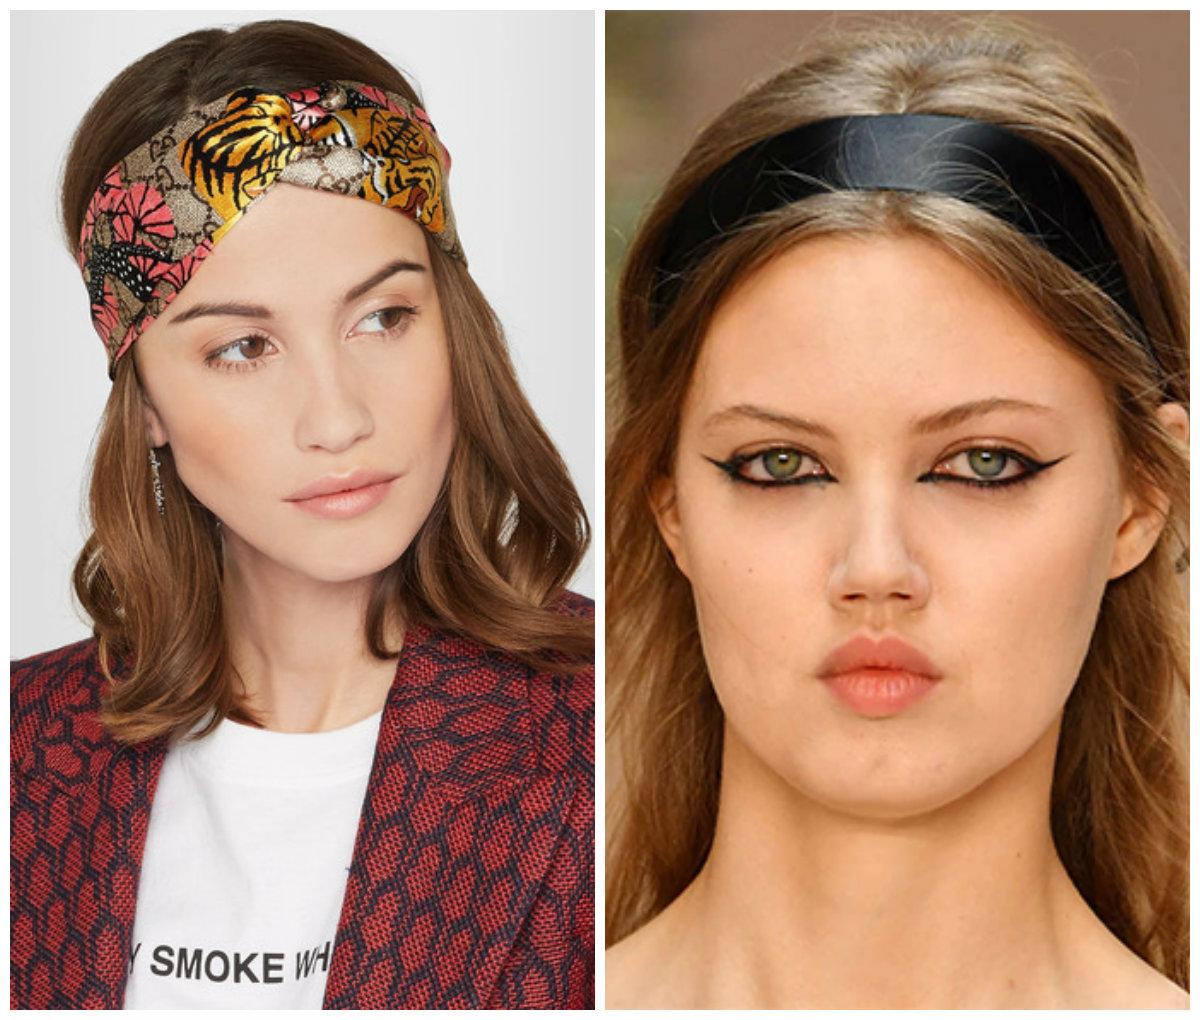 penteados da moda 2018, bandana de satim